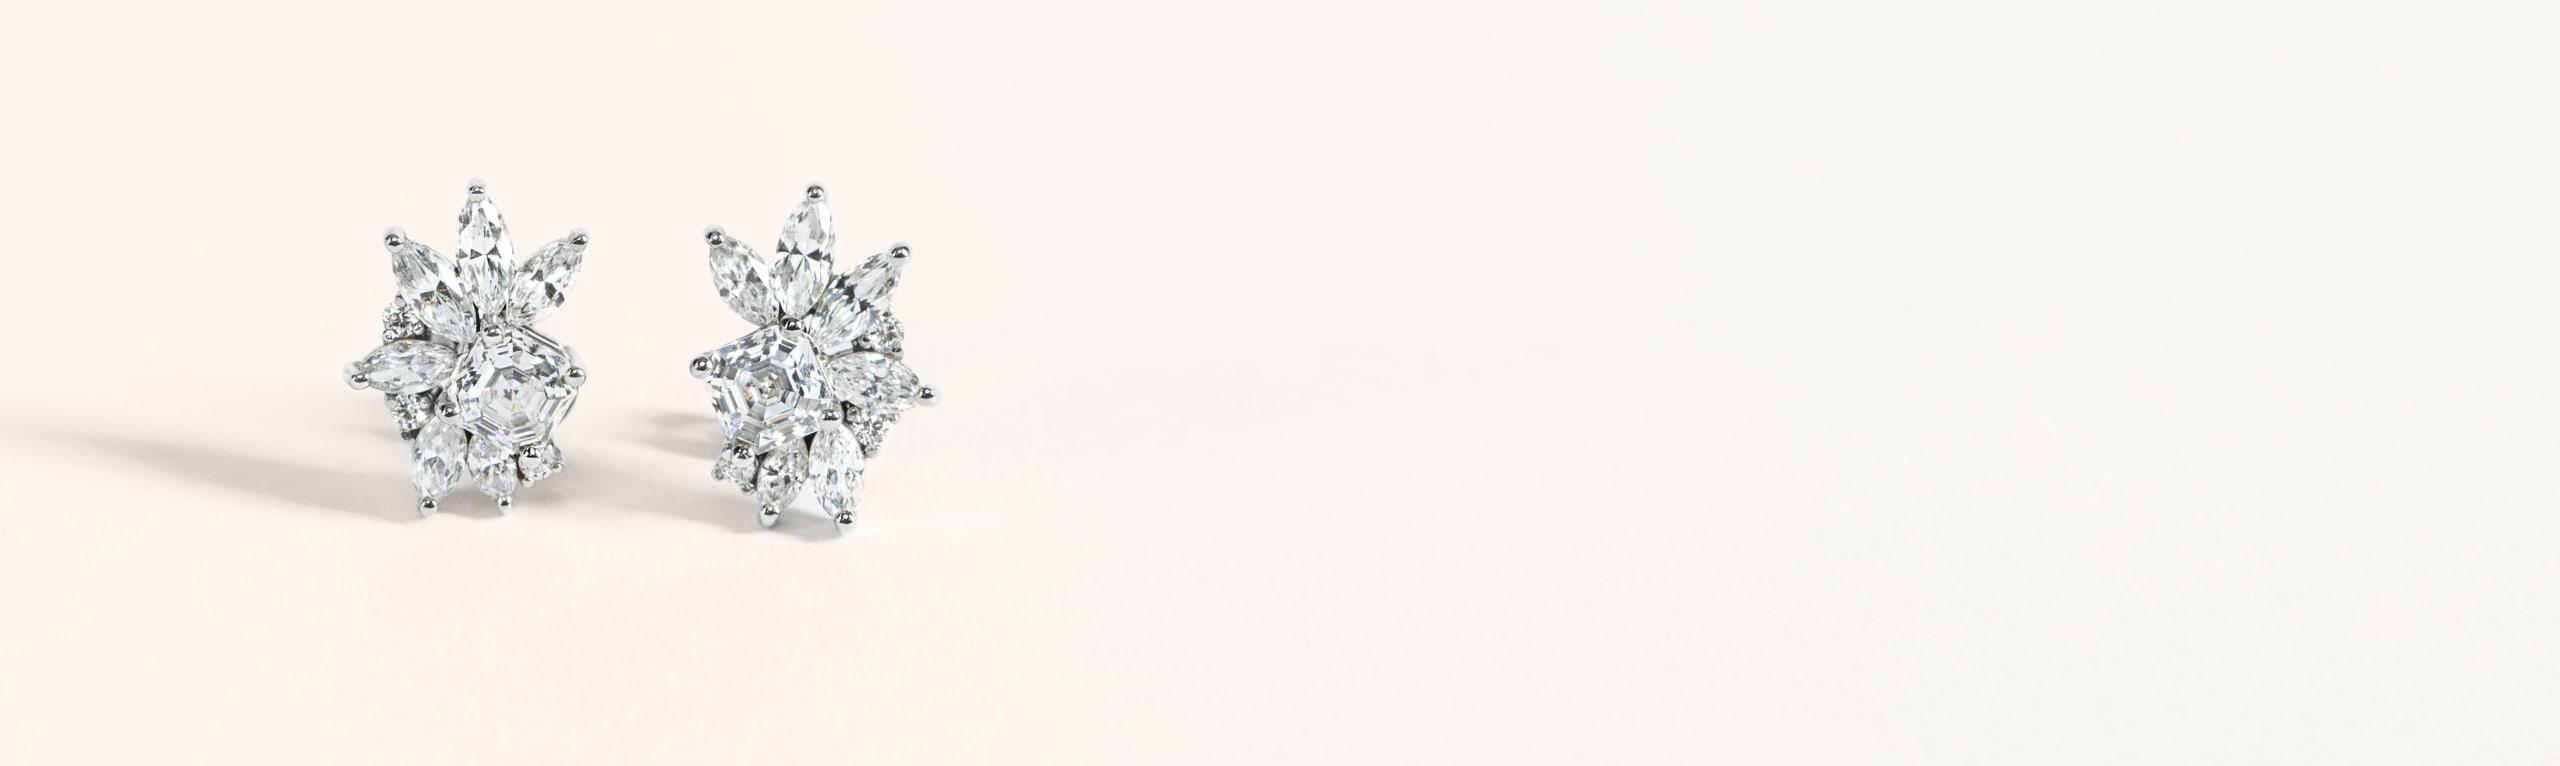 Gift lovely affordable diamond alternative earrings